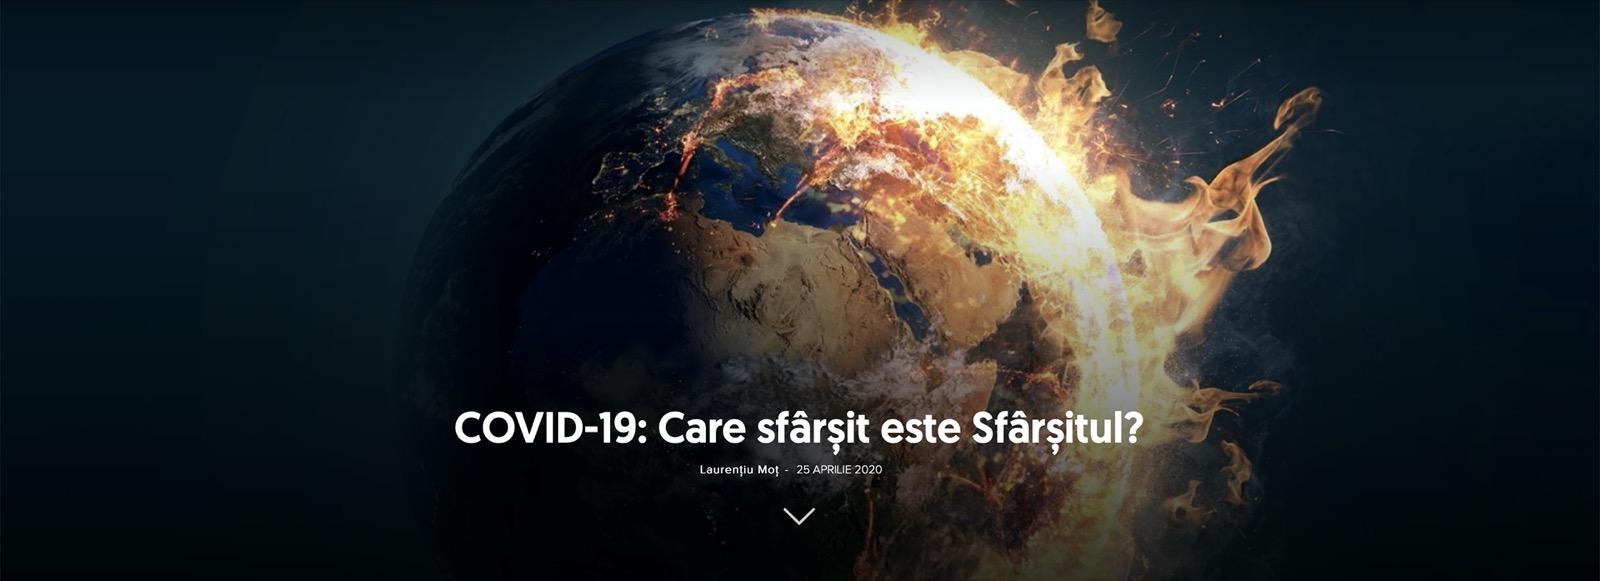 COVID-19: Care sfârșit este Sfârșitul?